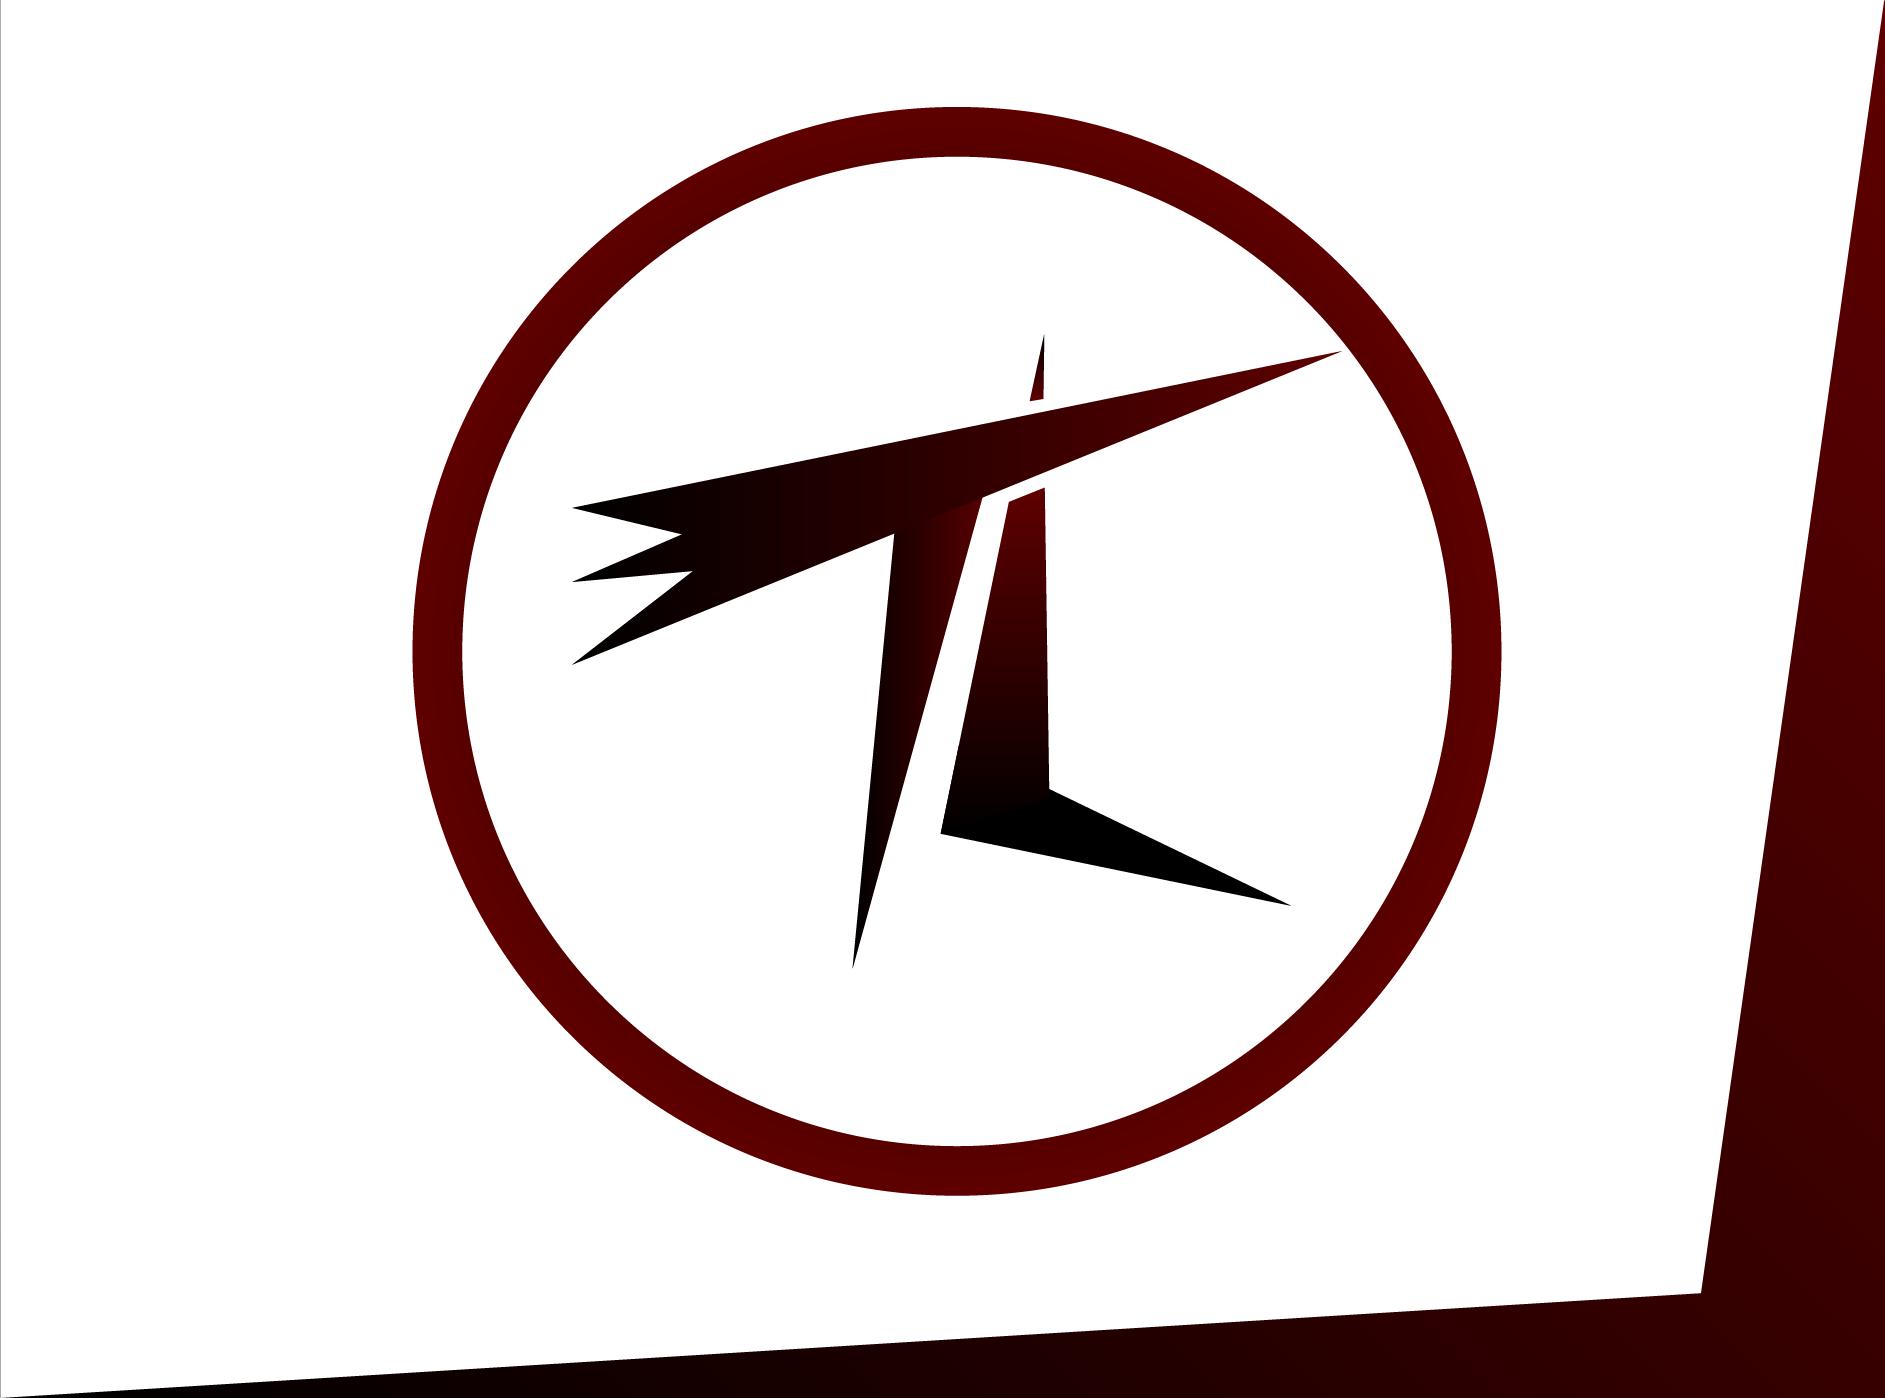 Разработка логотипа для тюнинг ателье фото f_3865f44241a254e3.png